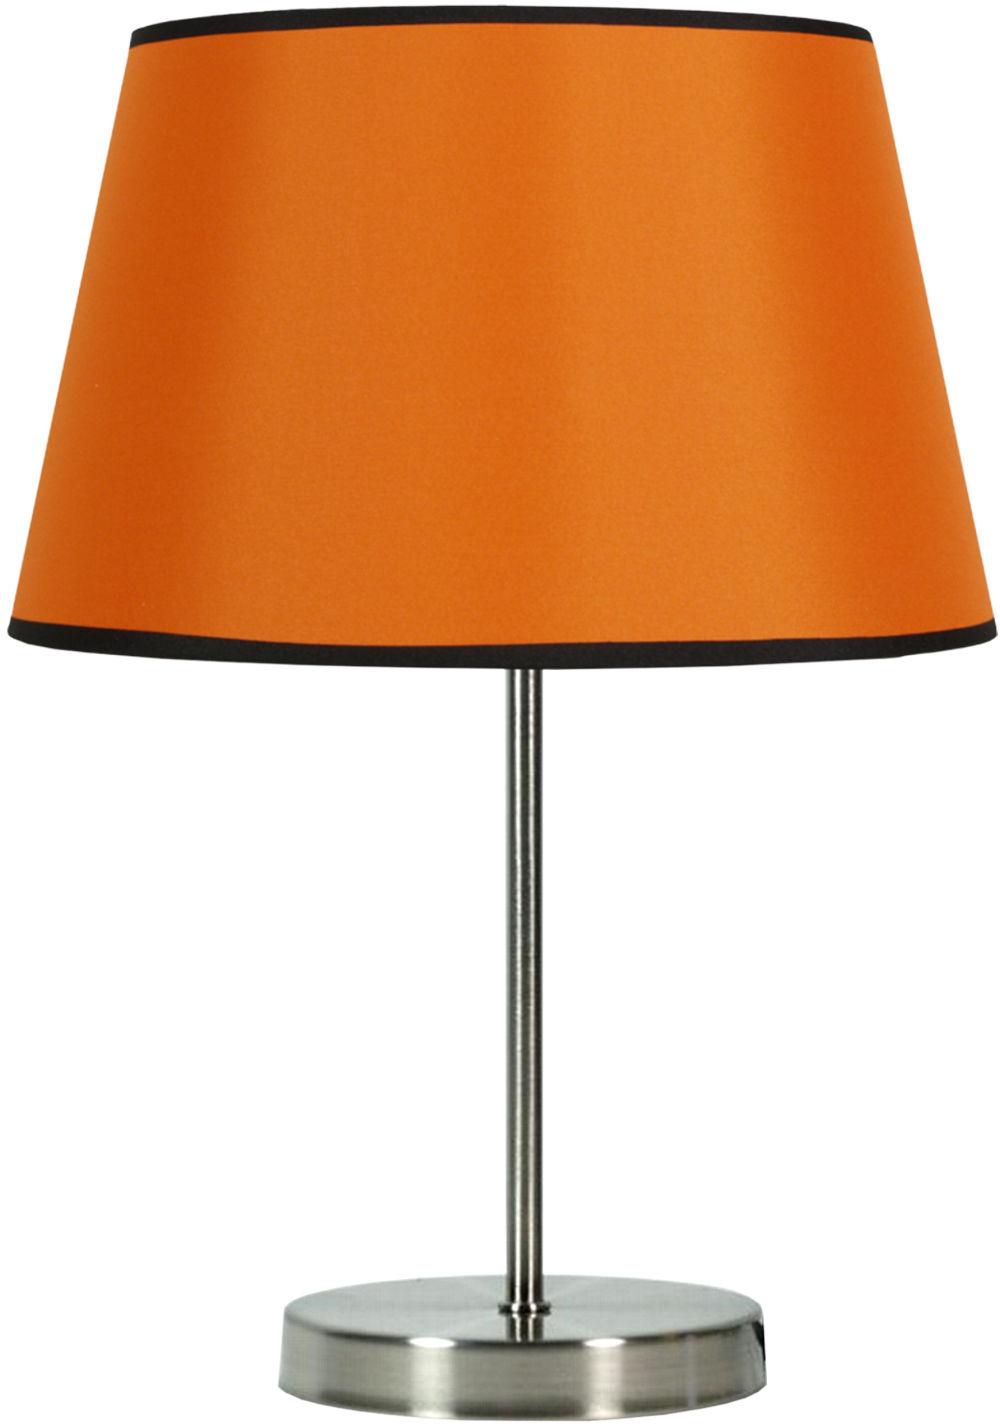 Candellux PABLO 41-34106 lampa stołowa abażur pomarańczowa 1X60W E27 25 cm